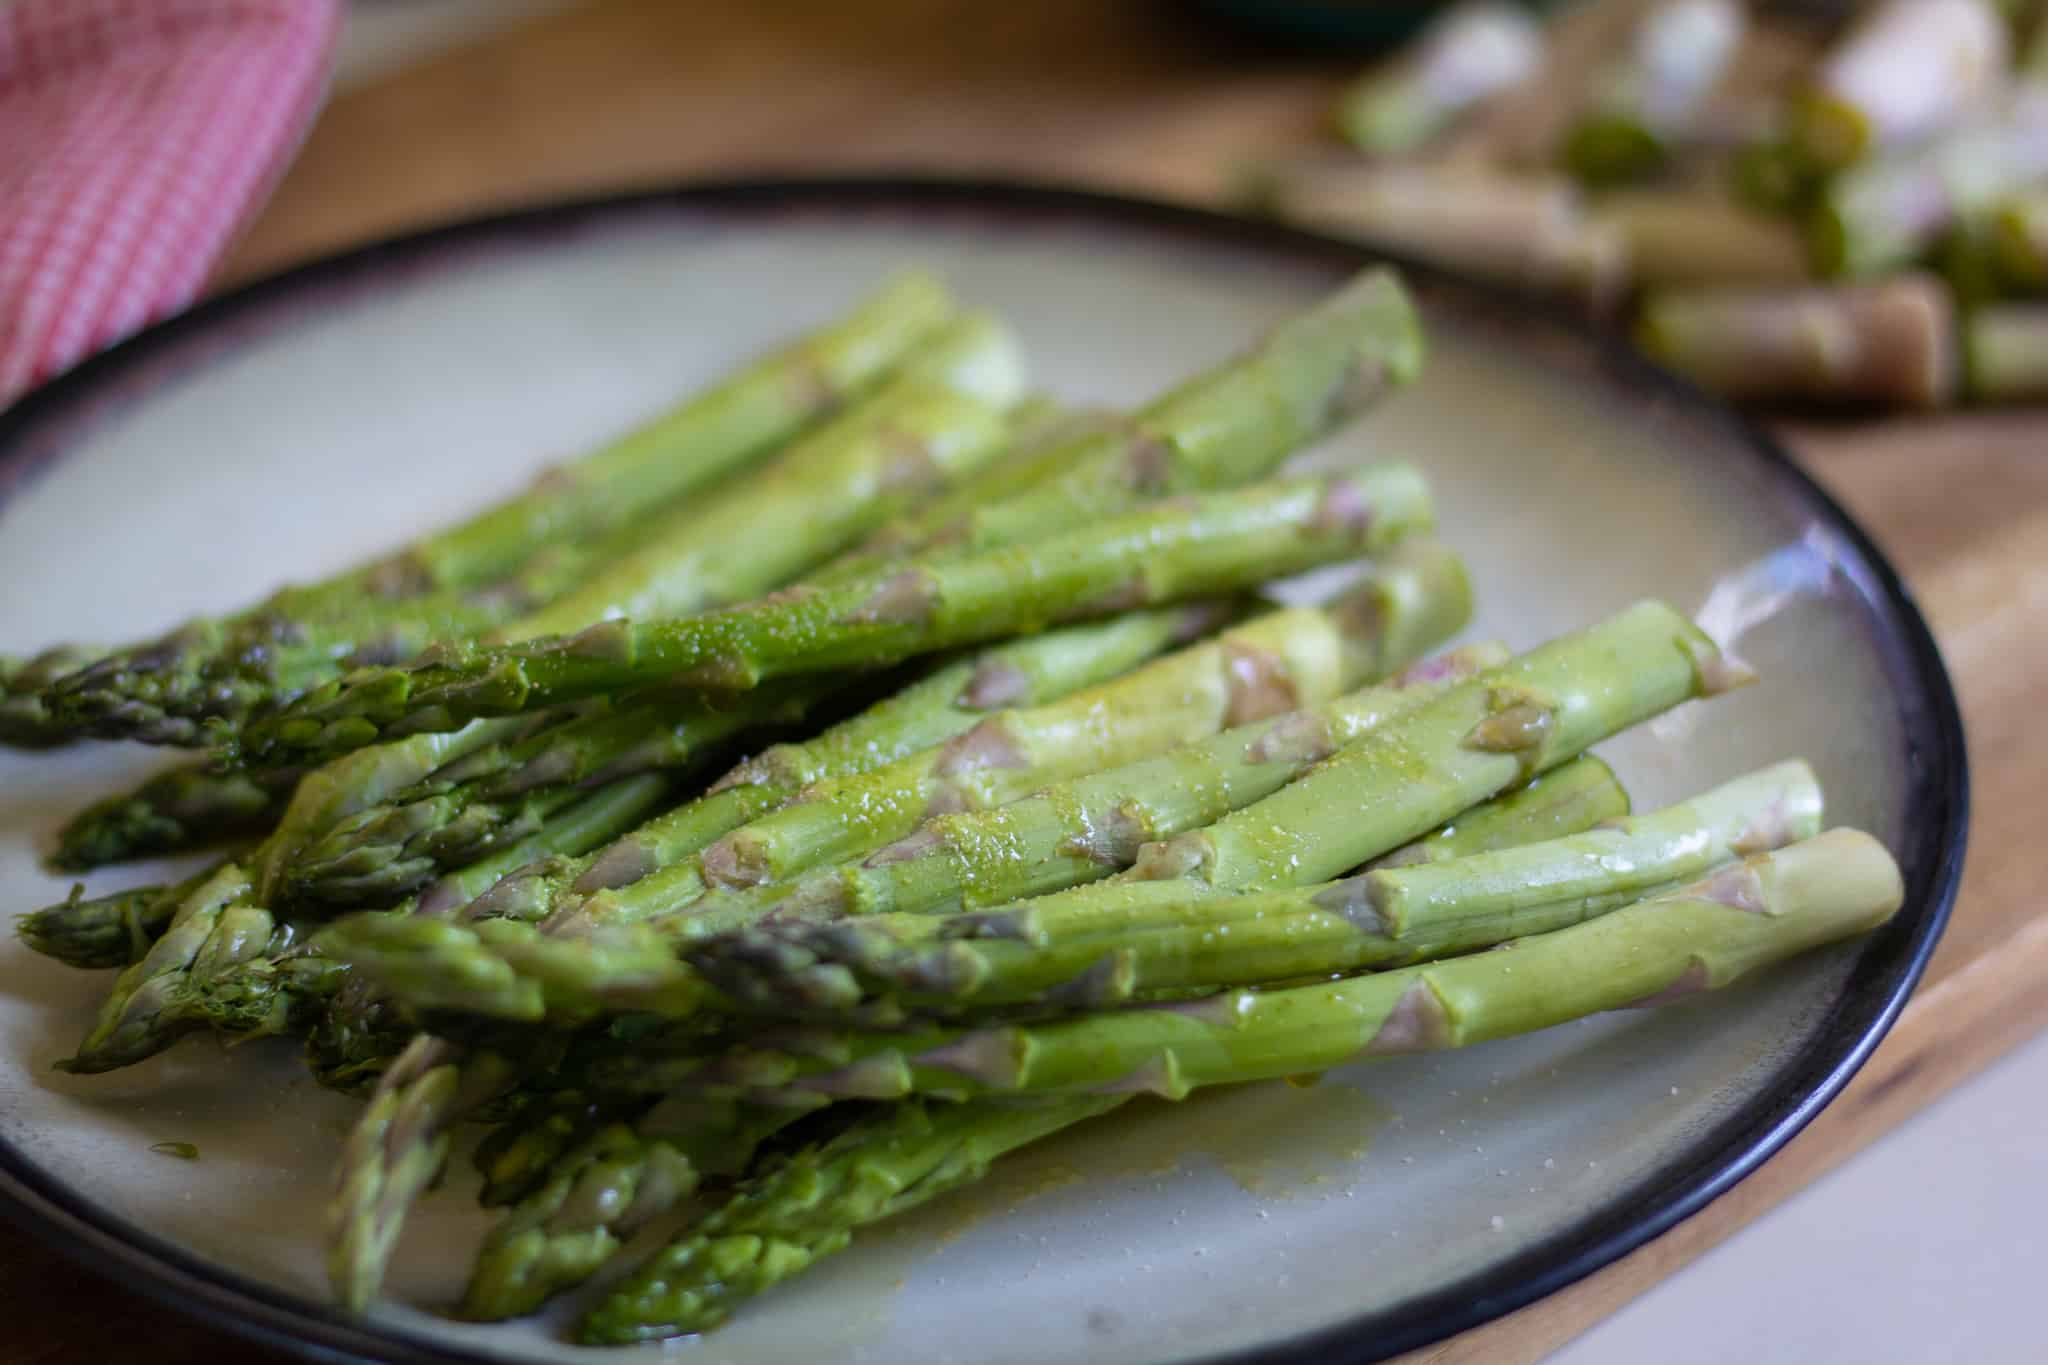 seasoned asparagus on a plate